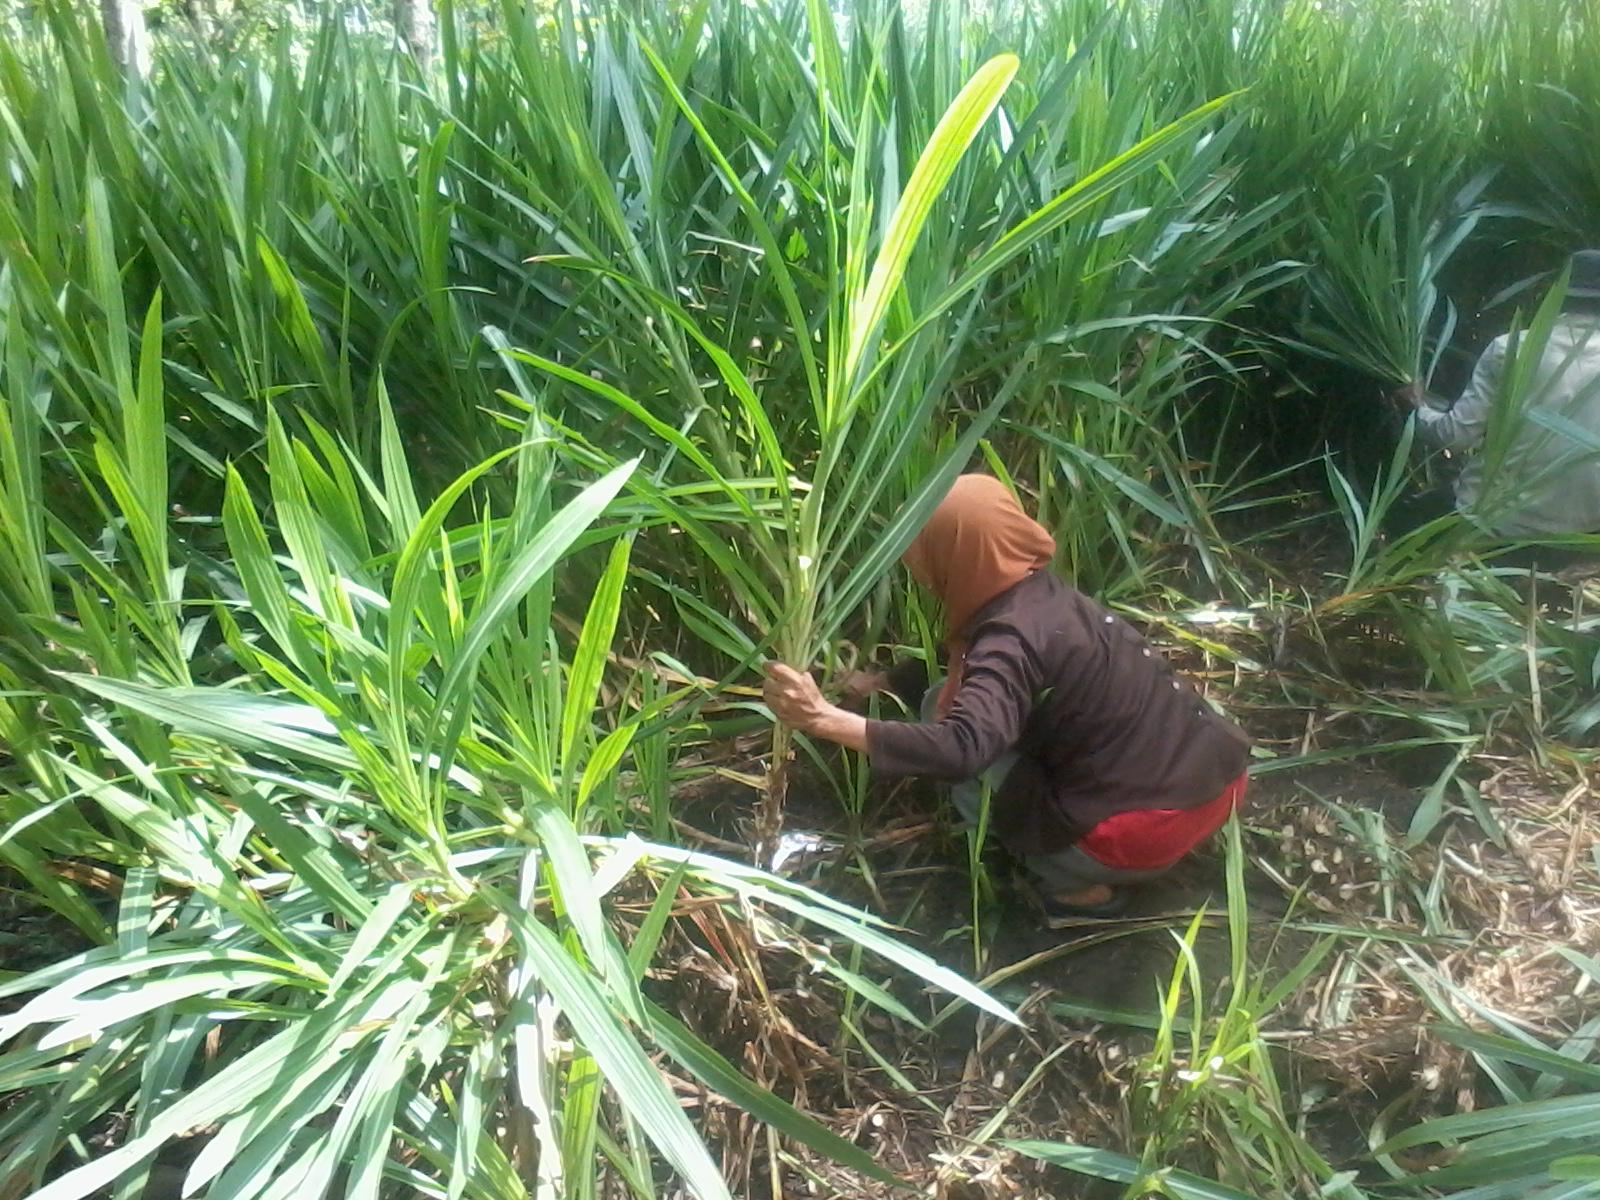 Proses Panen Untuk Persiapan Bibit Rumput Odot Dan King